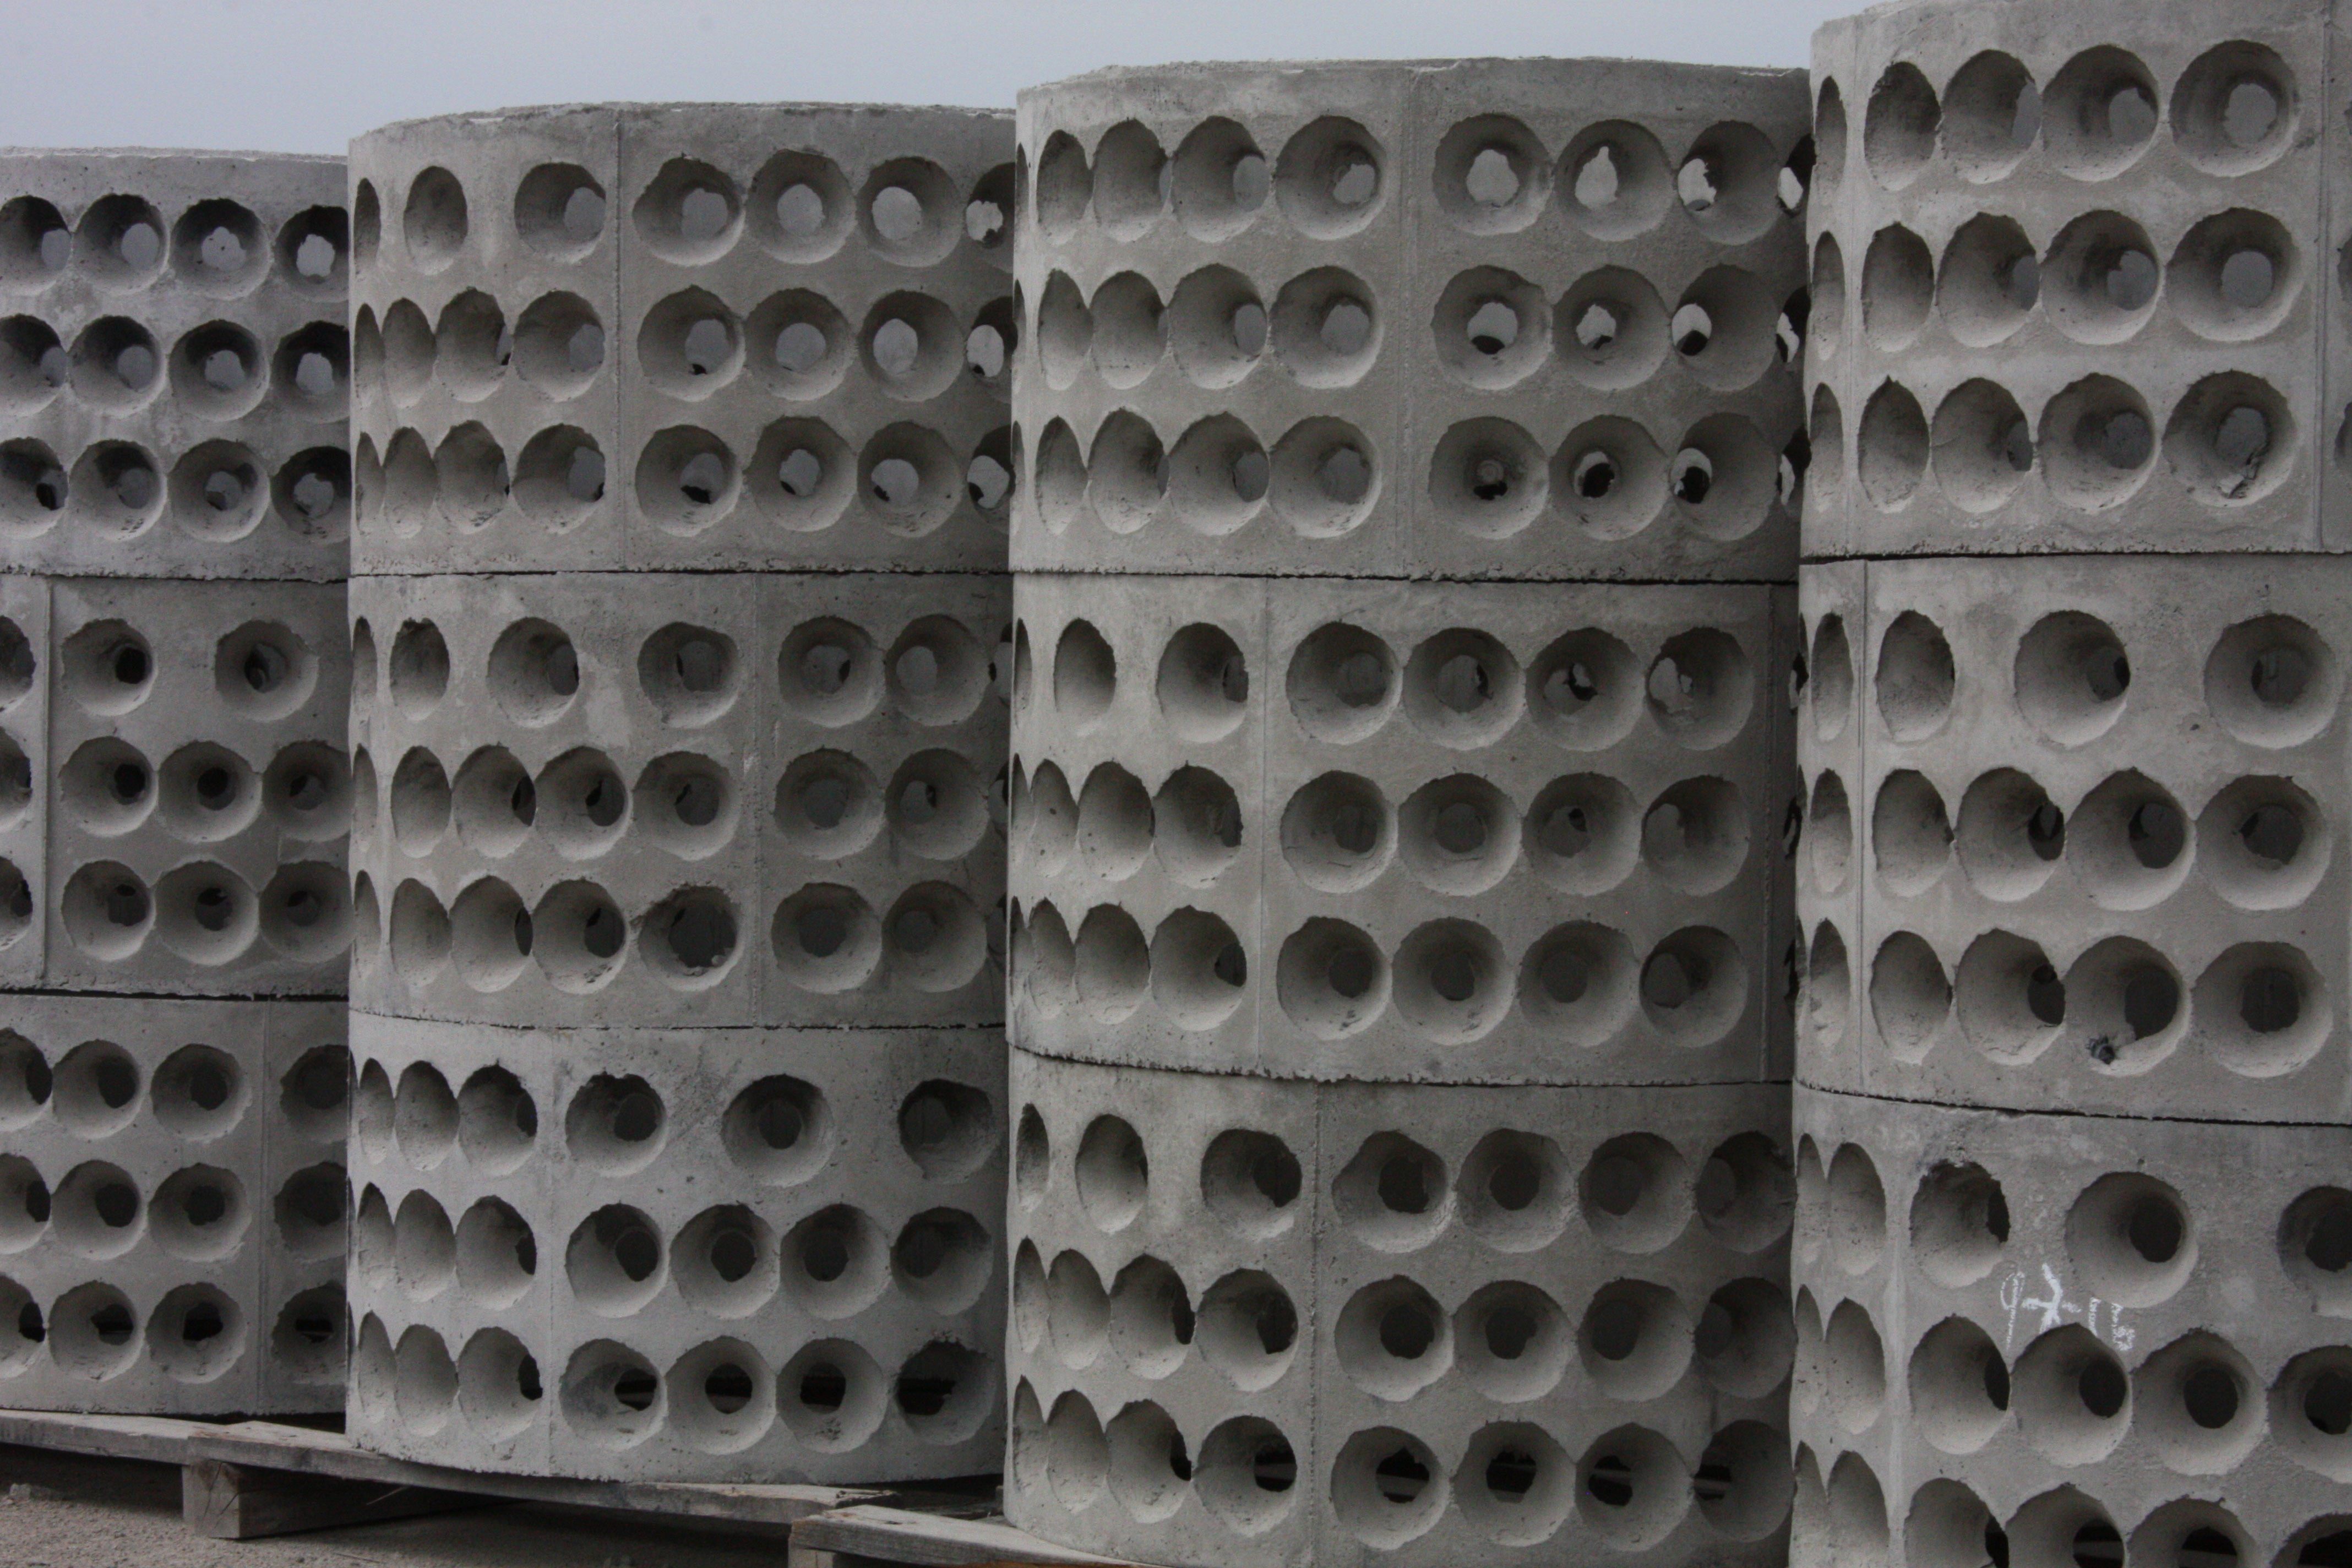 60 seepage pit liner